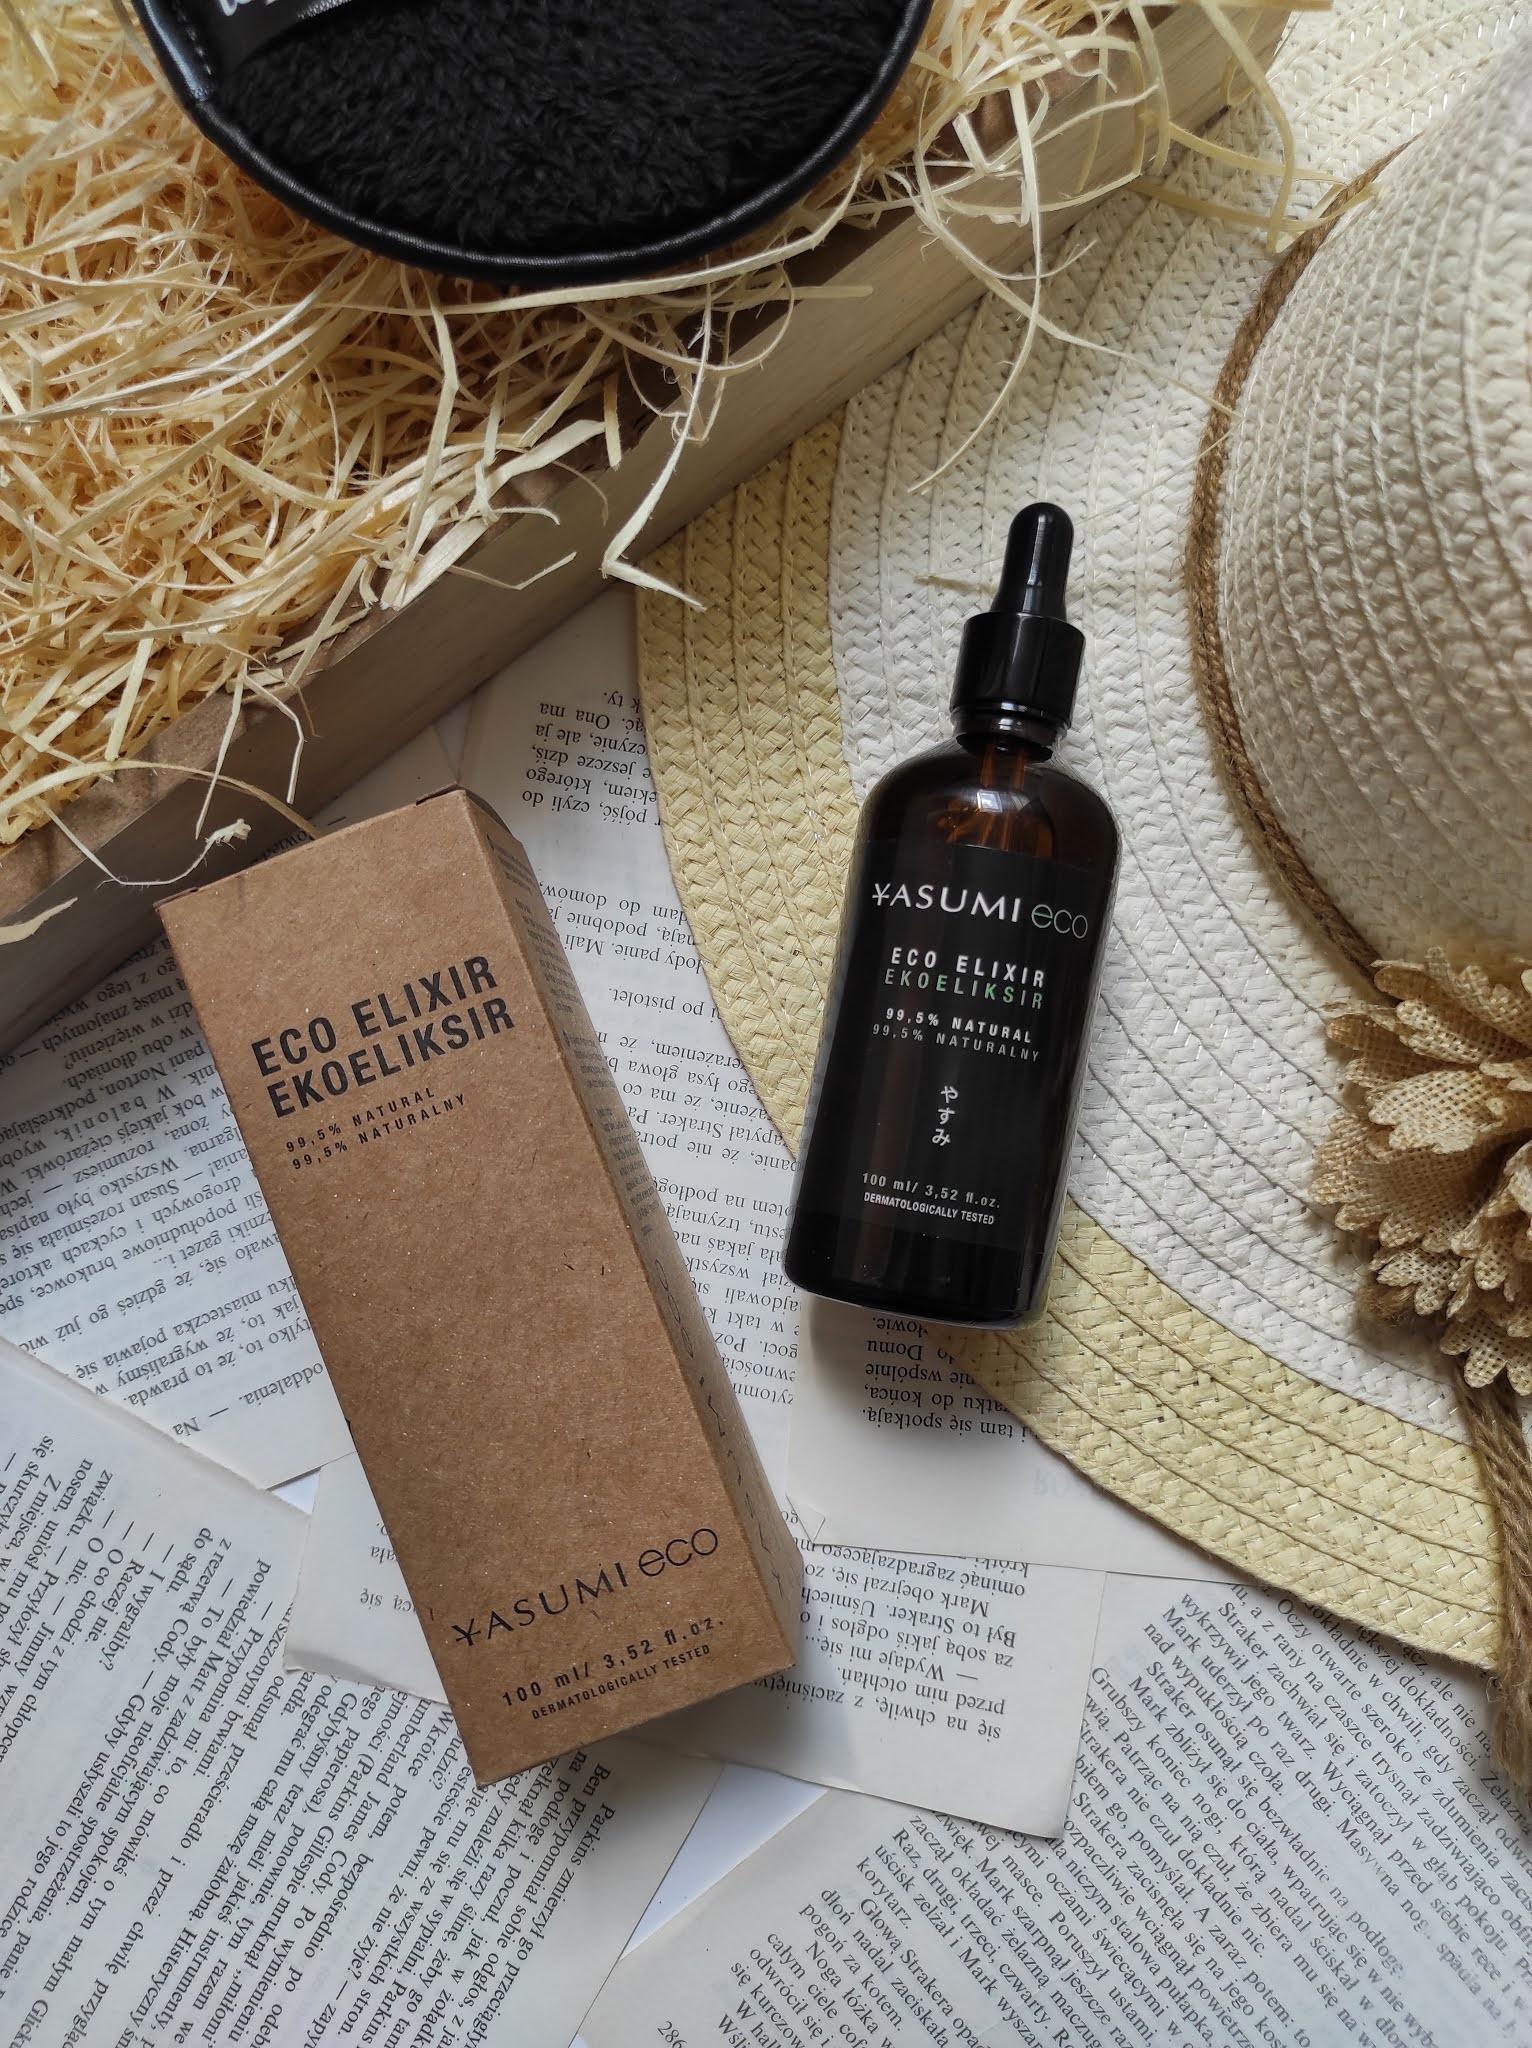 Eco Elixir Yasumi - olejek do pielęgnacji twarzy, ciała i włosów - Topestetic